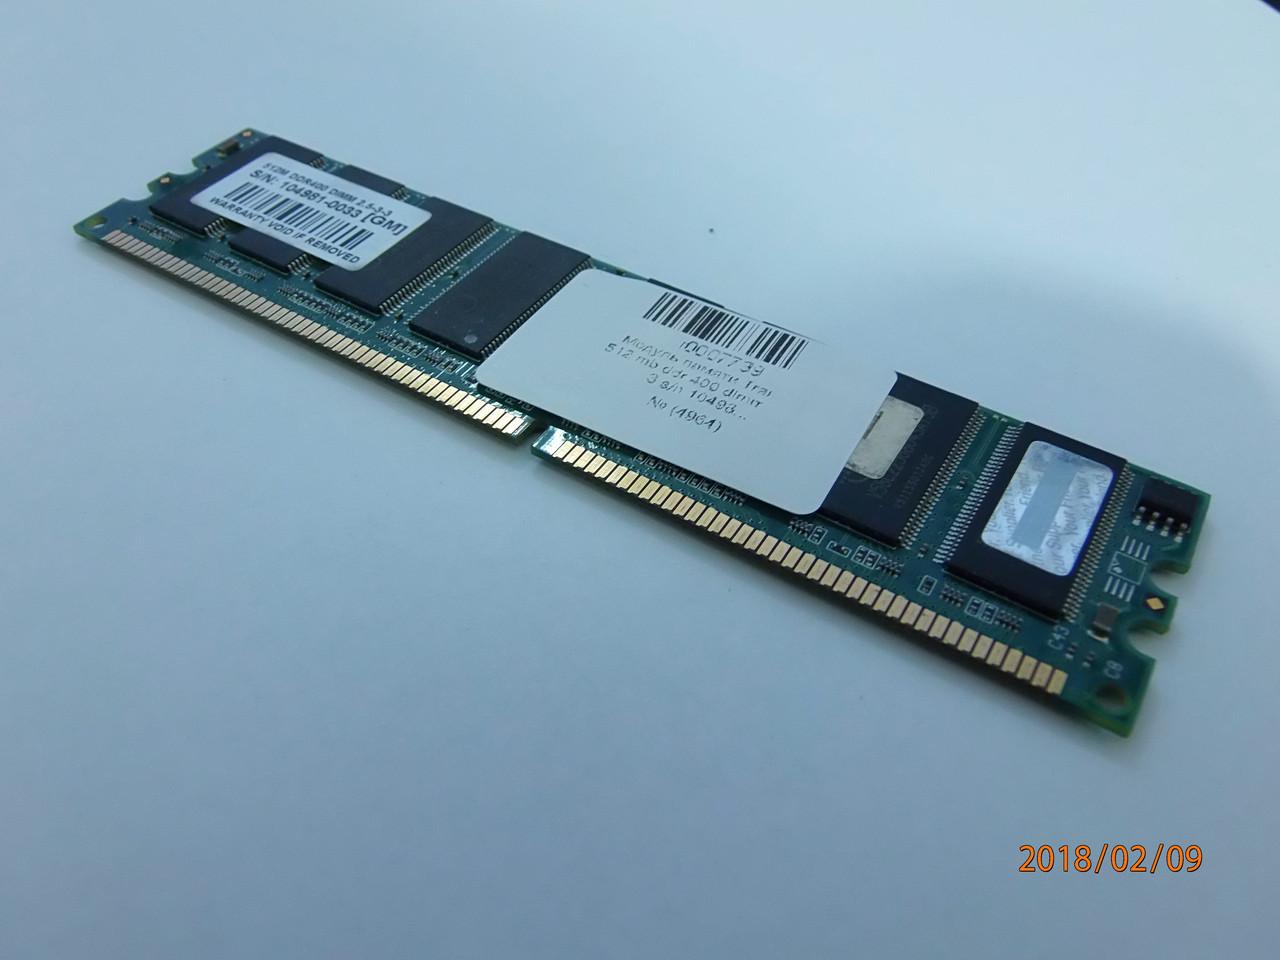 Модуль памяти Trancend 512 mb ddr 400 dimm 2.5-3-3 s/n 104981-0033 [GM]